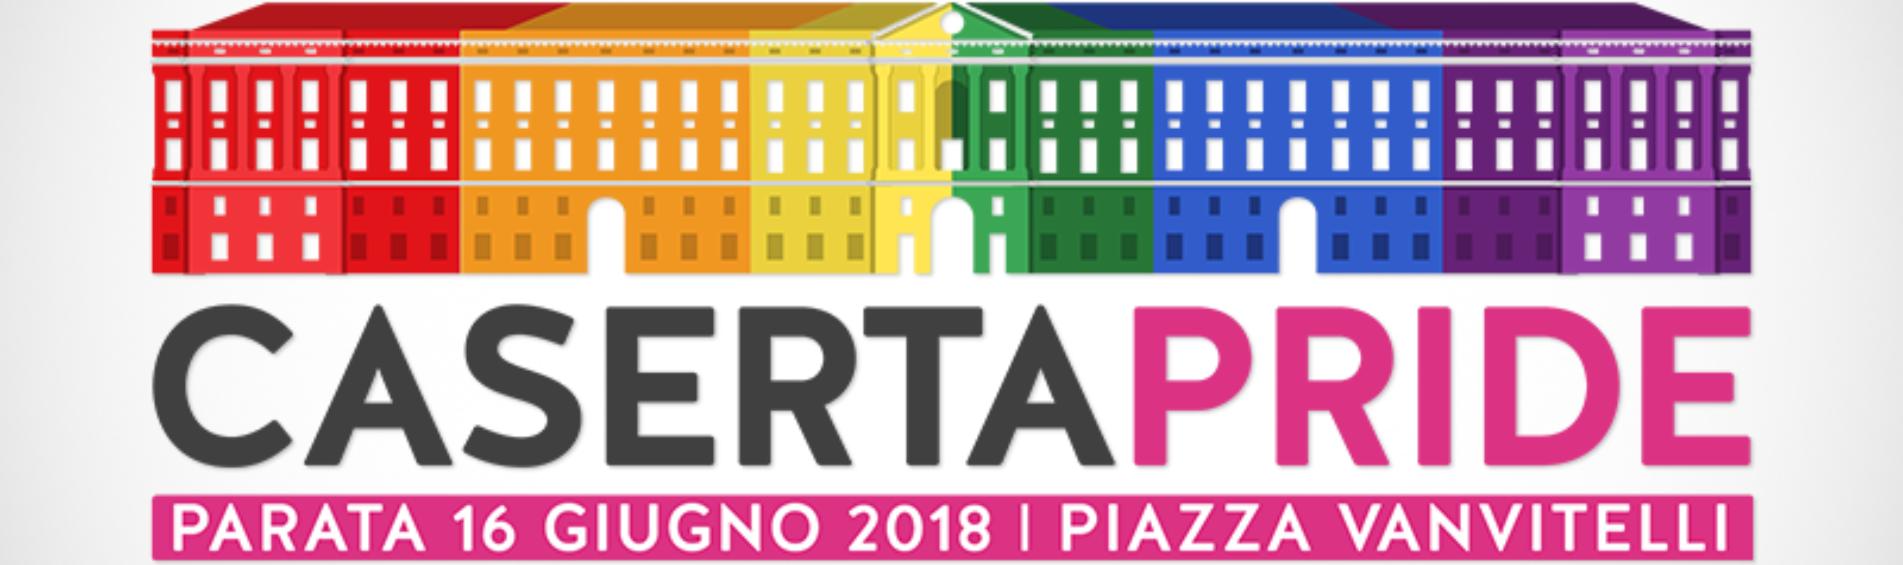 Caserta Pride 2018: l'associazione culturale Club 33 Giri aderisce